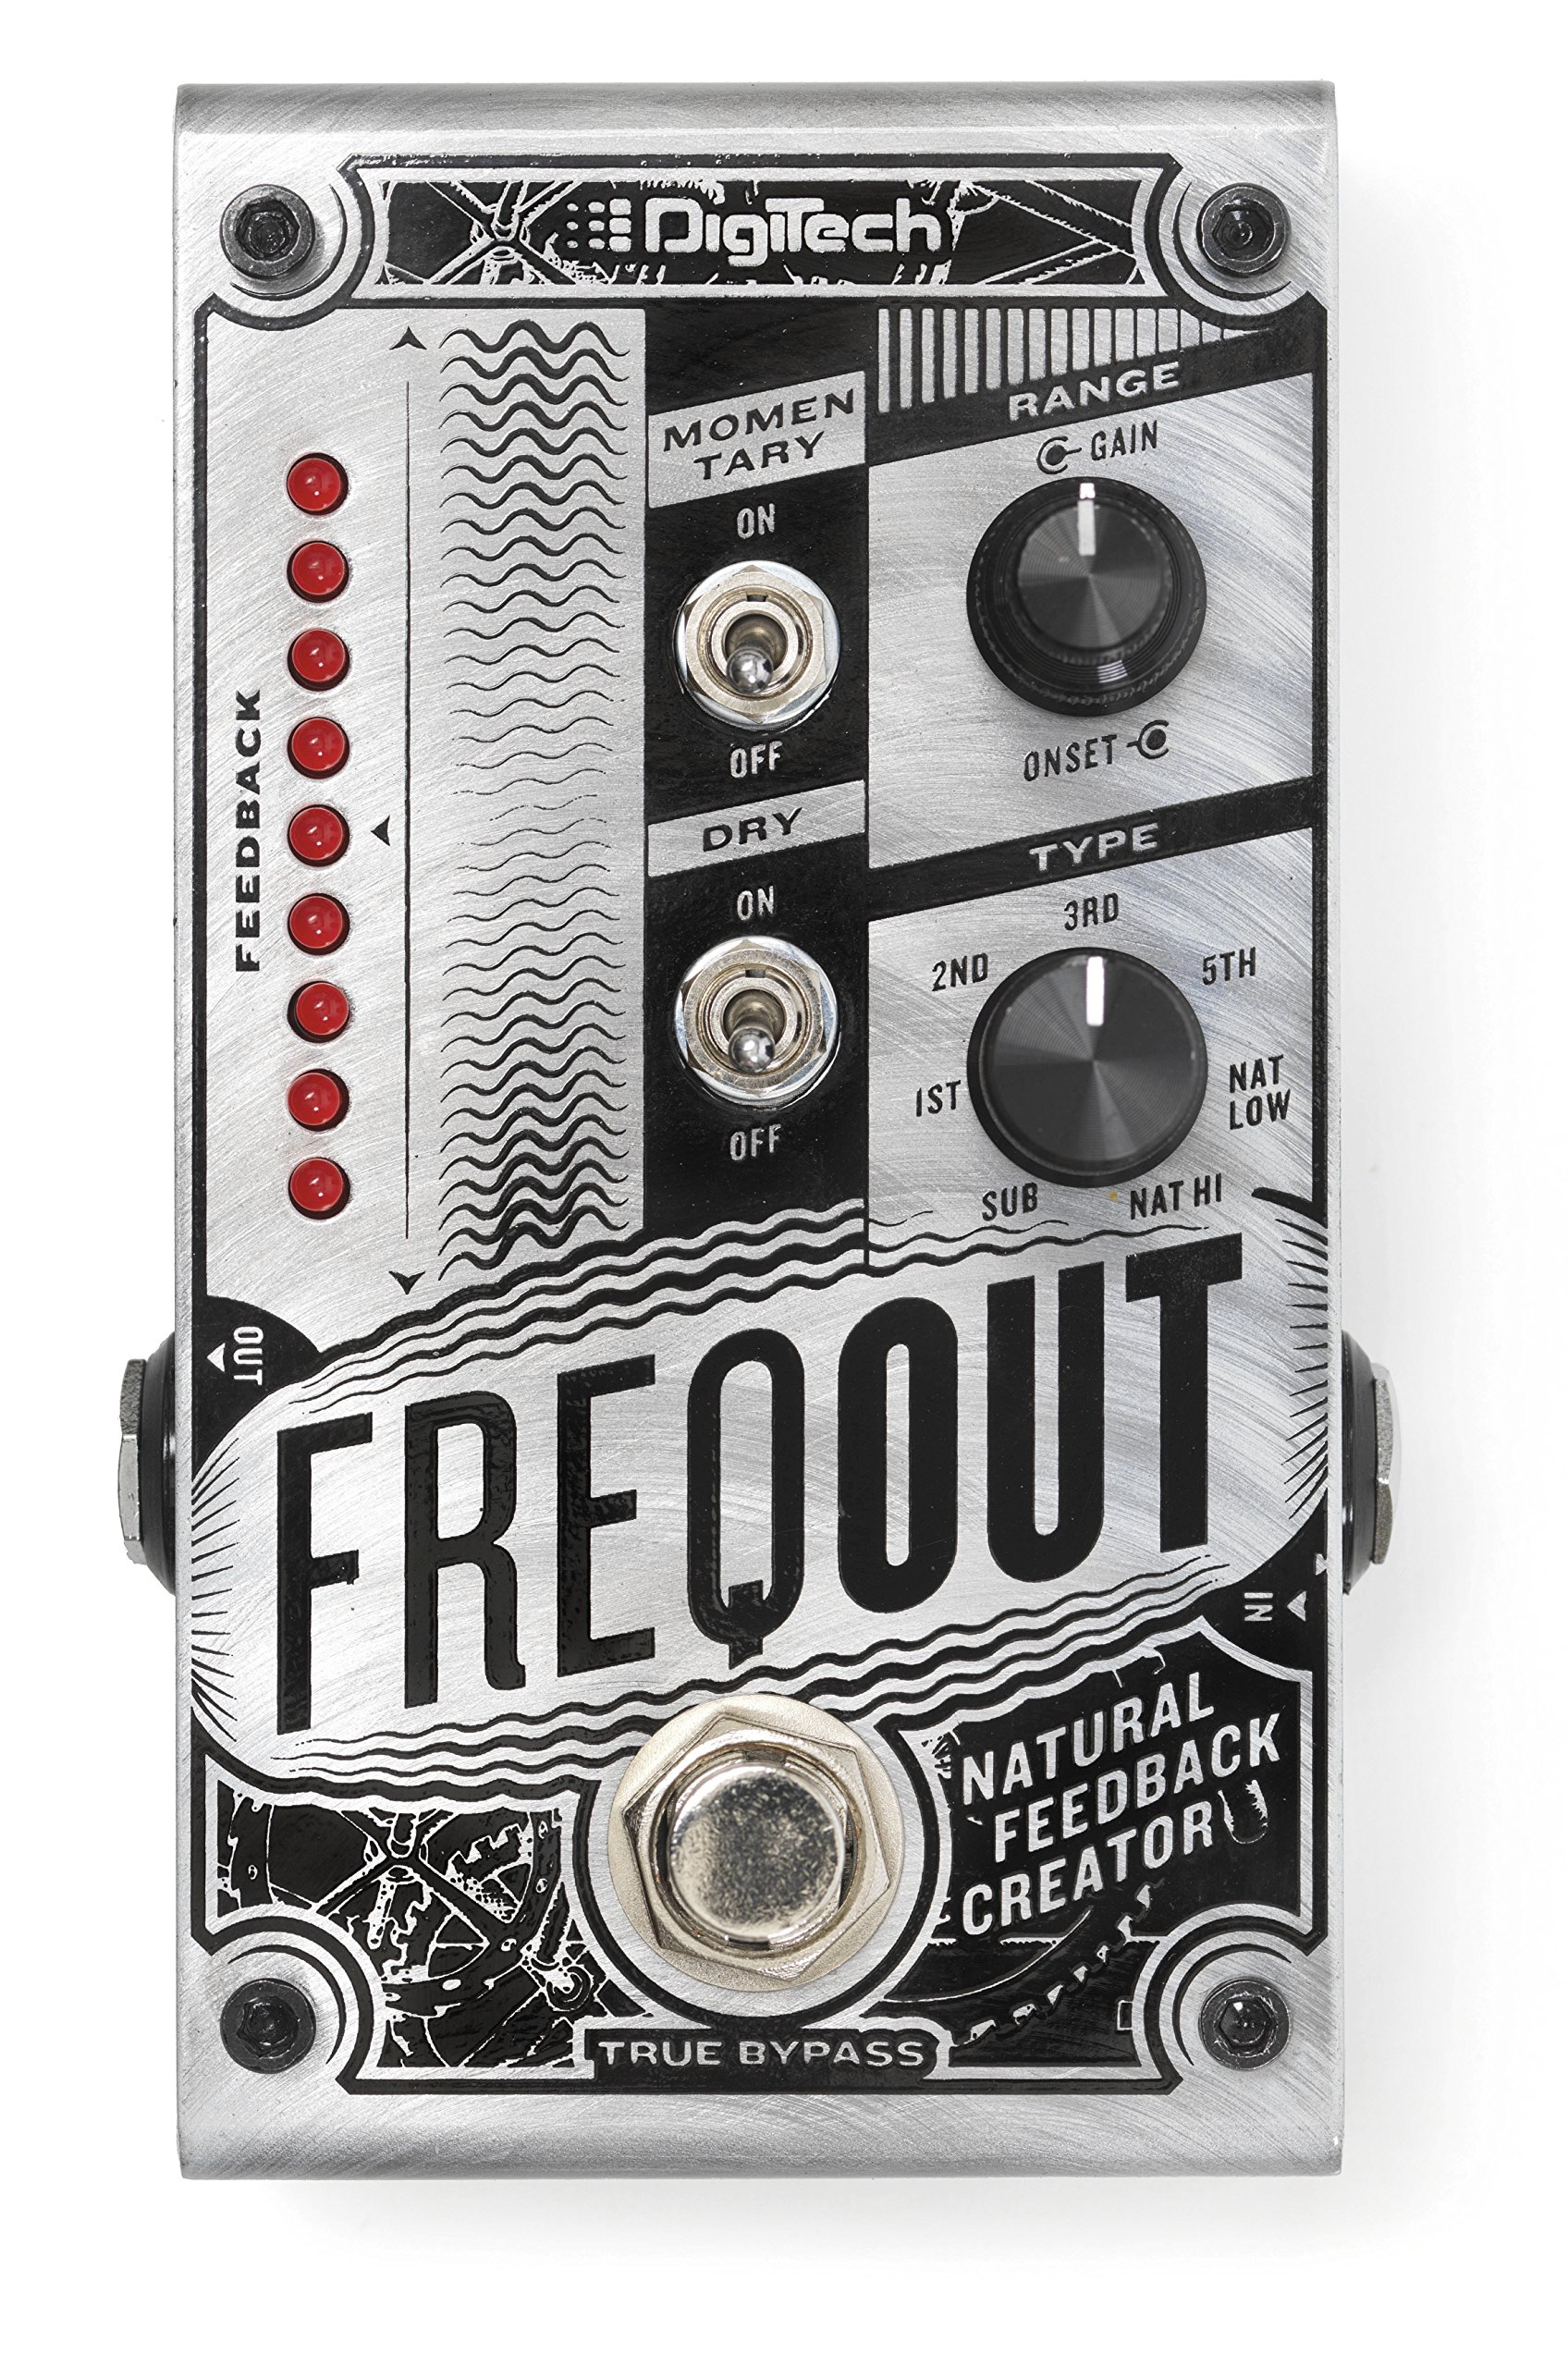 DigiTech Dynamic Feedback Guitar Expression Pedal, Silver (FREQOUT-U)